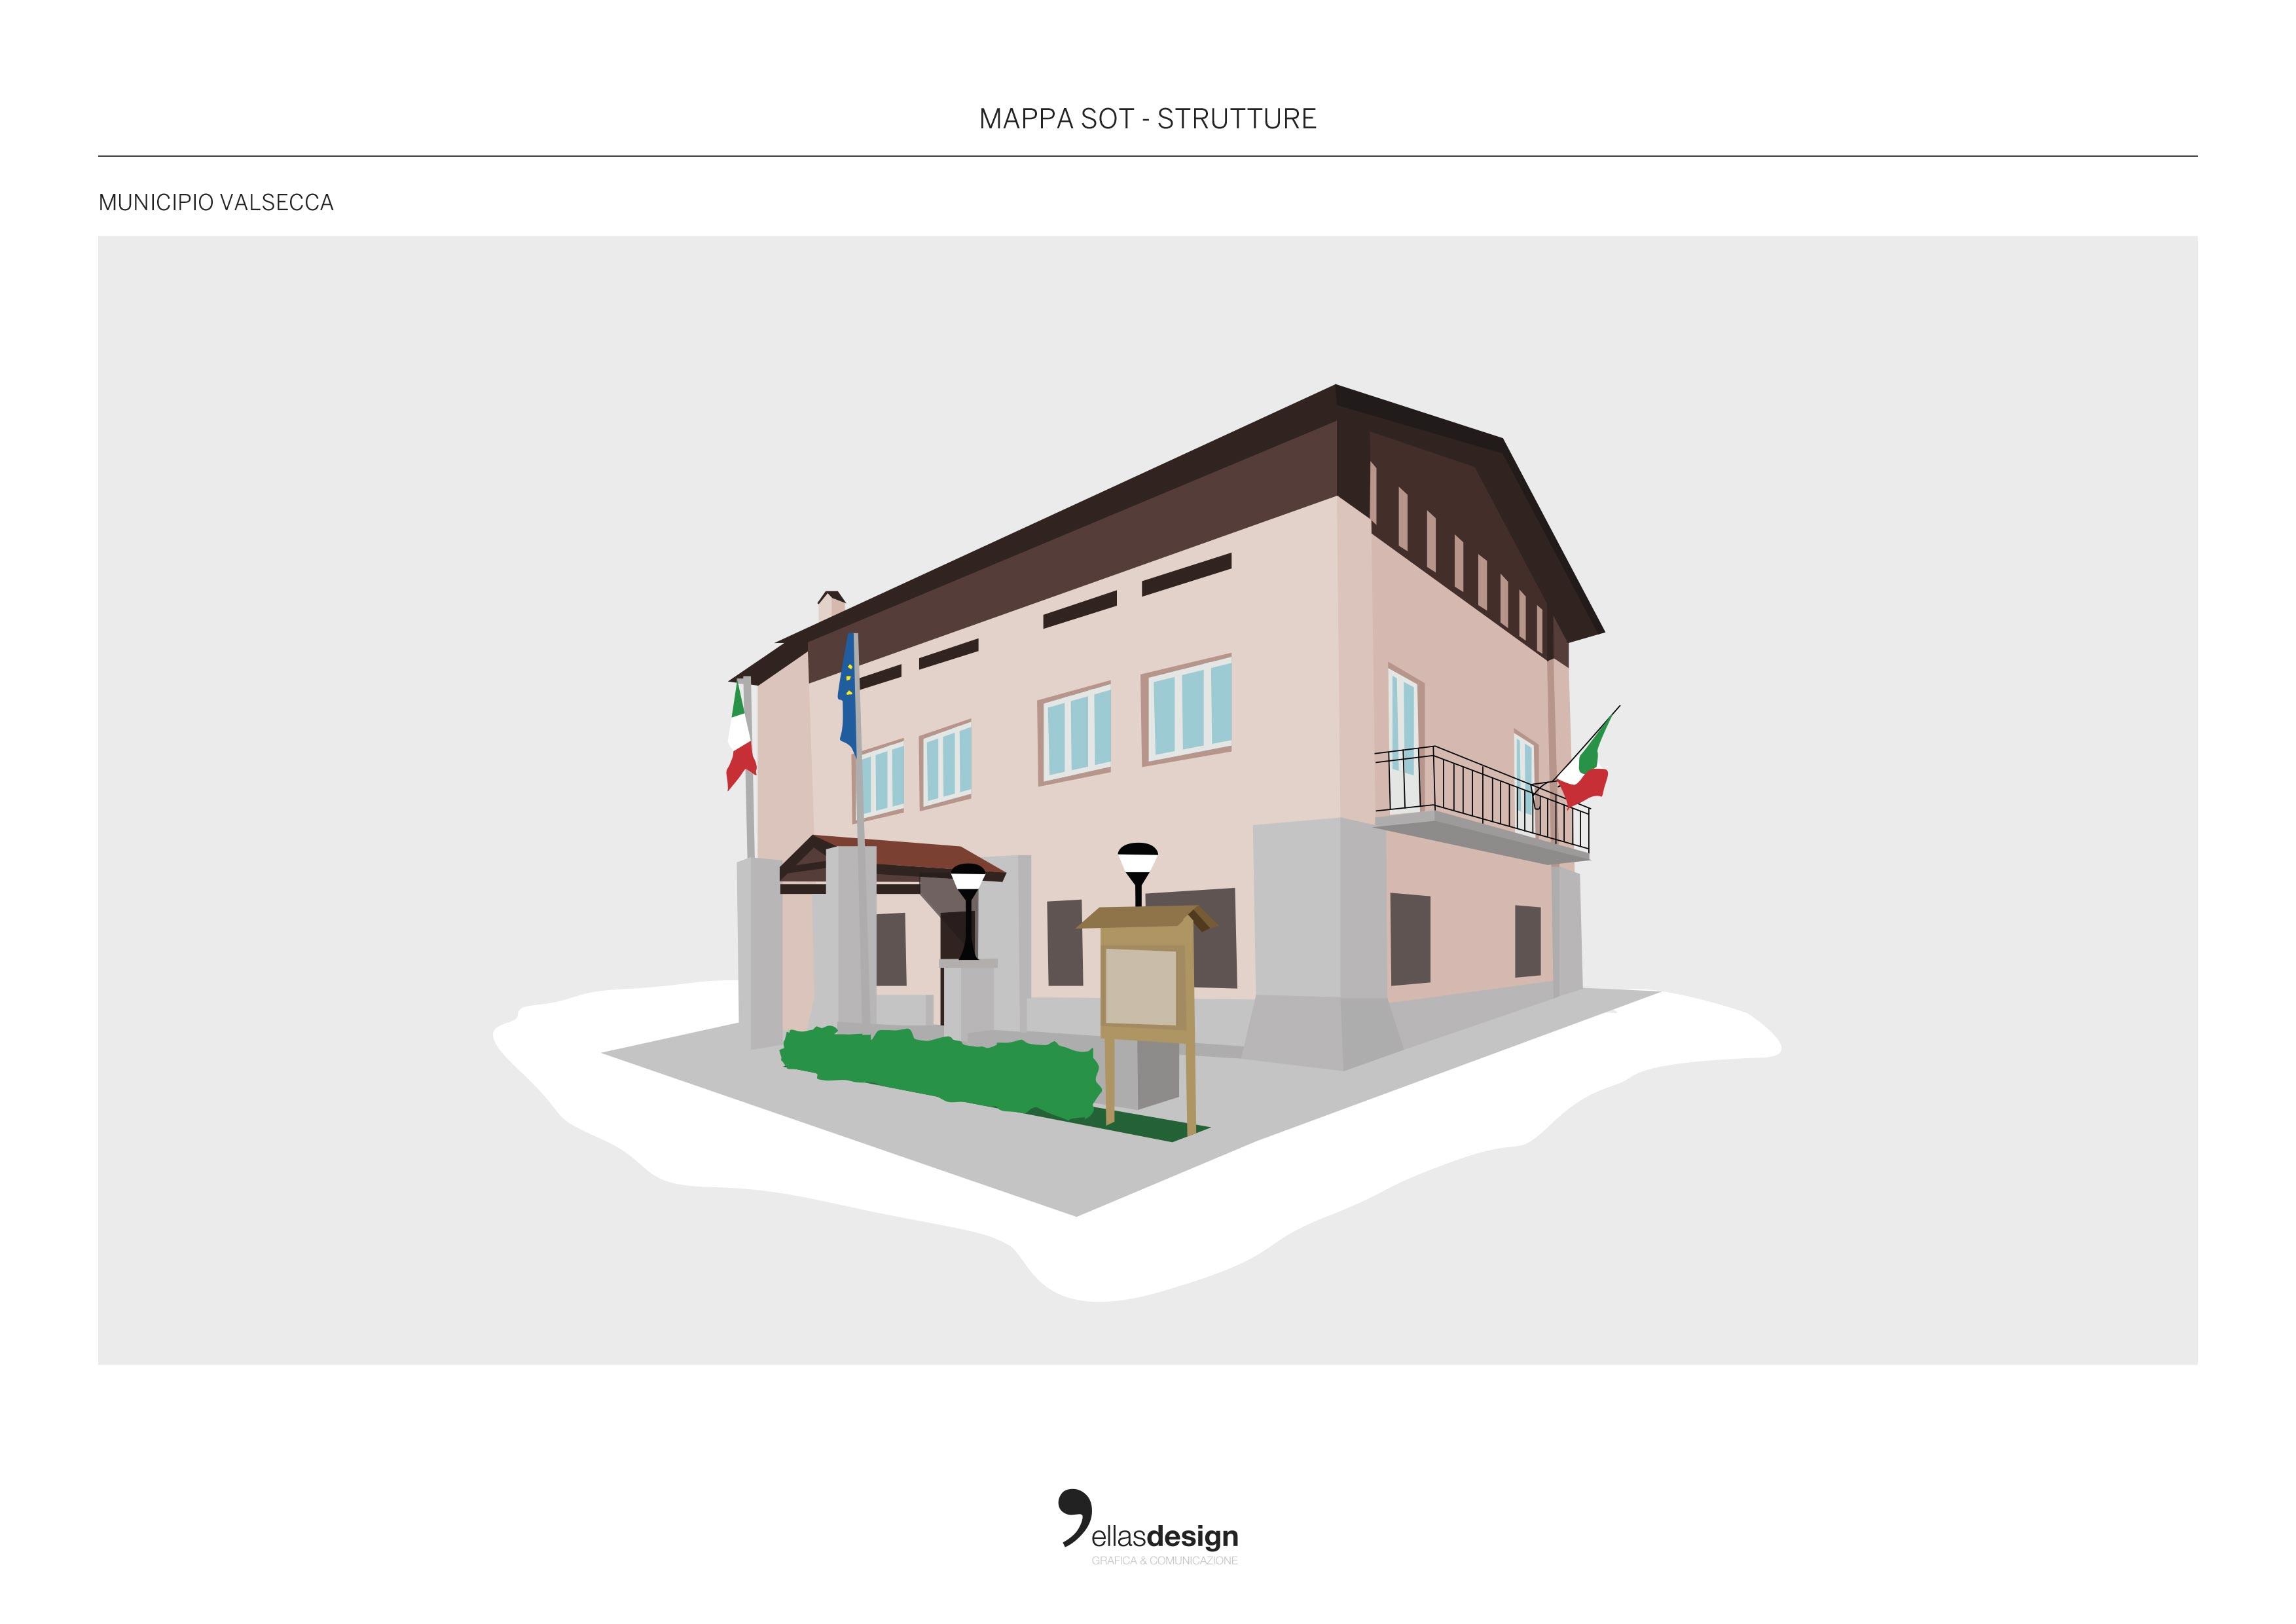 Design Strutture su Mappa Comune Sant'Omobono Terme